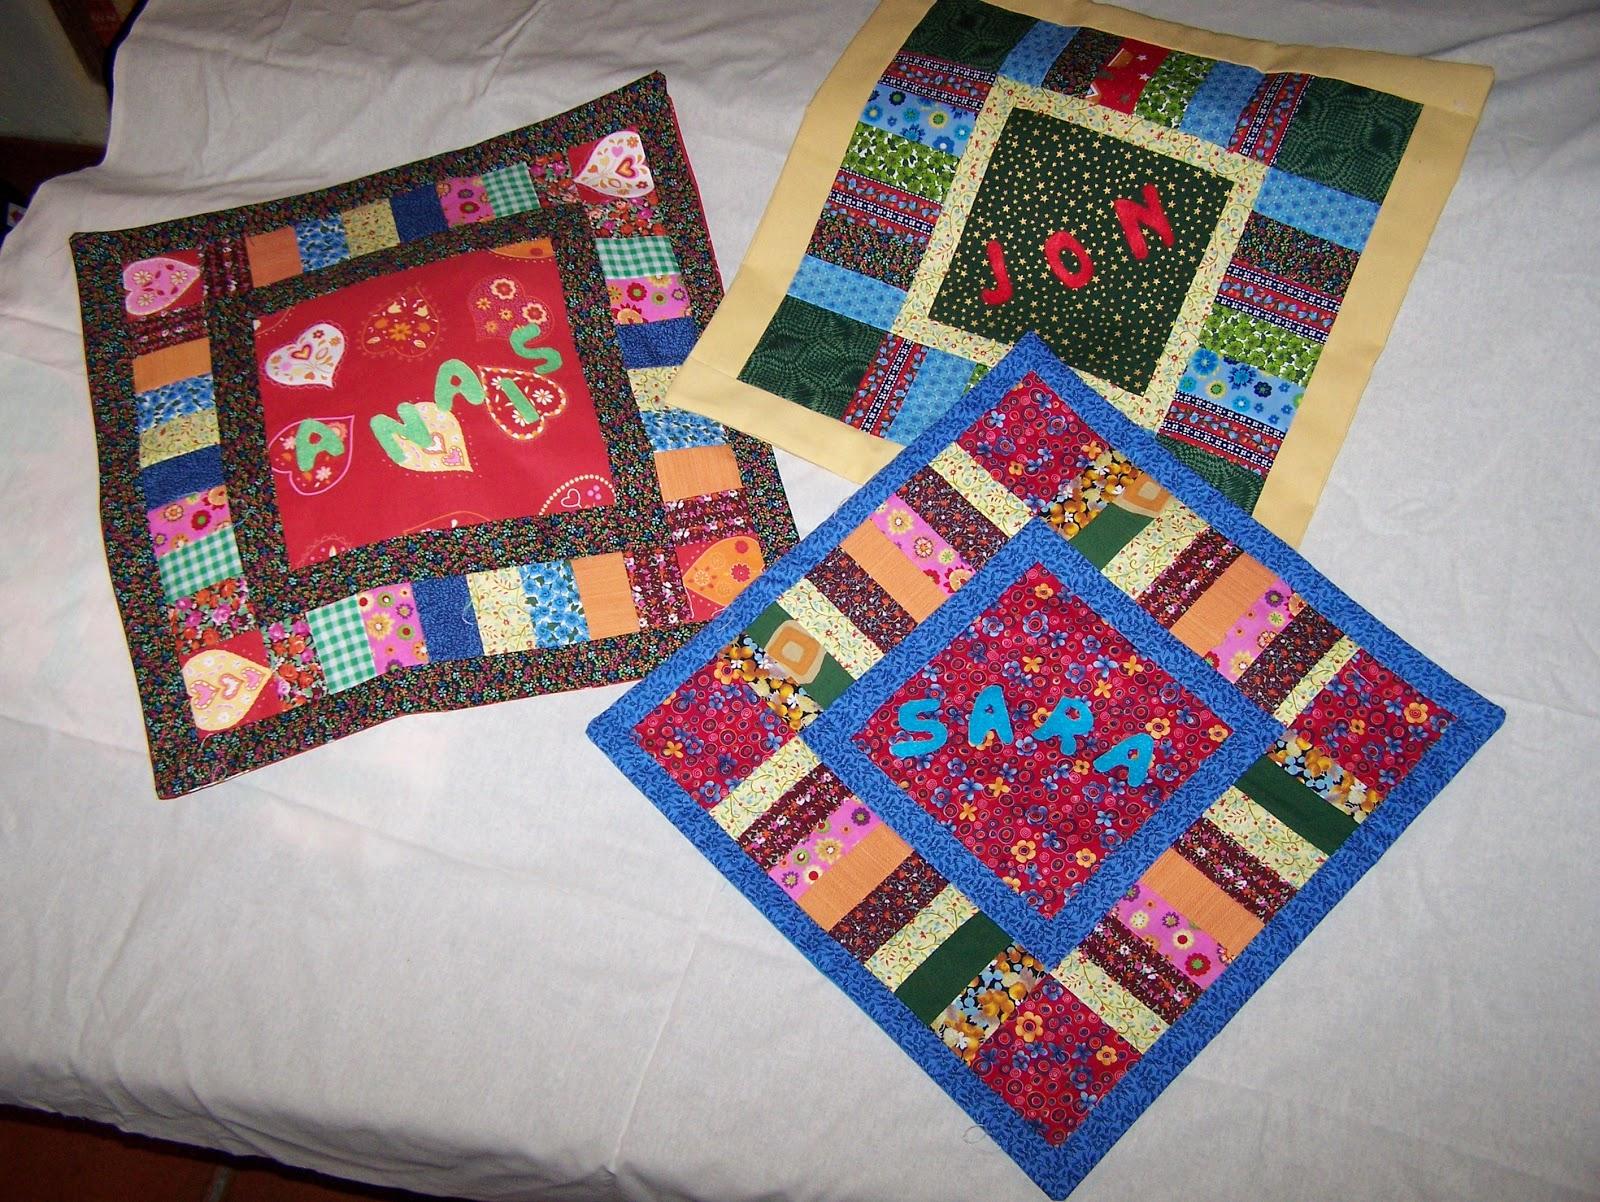 La petite maison de patchwork cojines personalizados cushions coussins - Cojines de patchwork ...